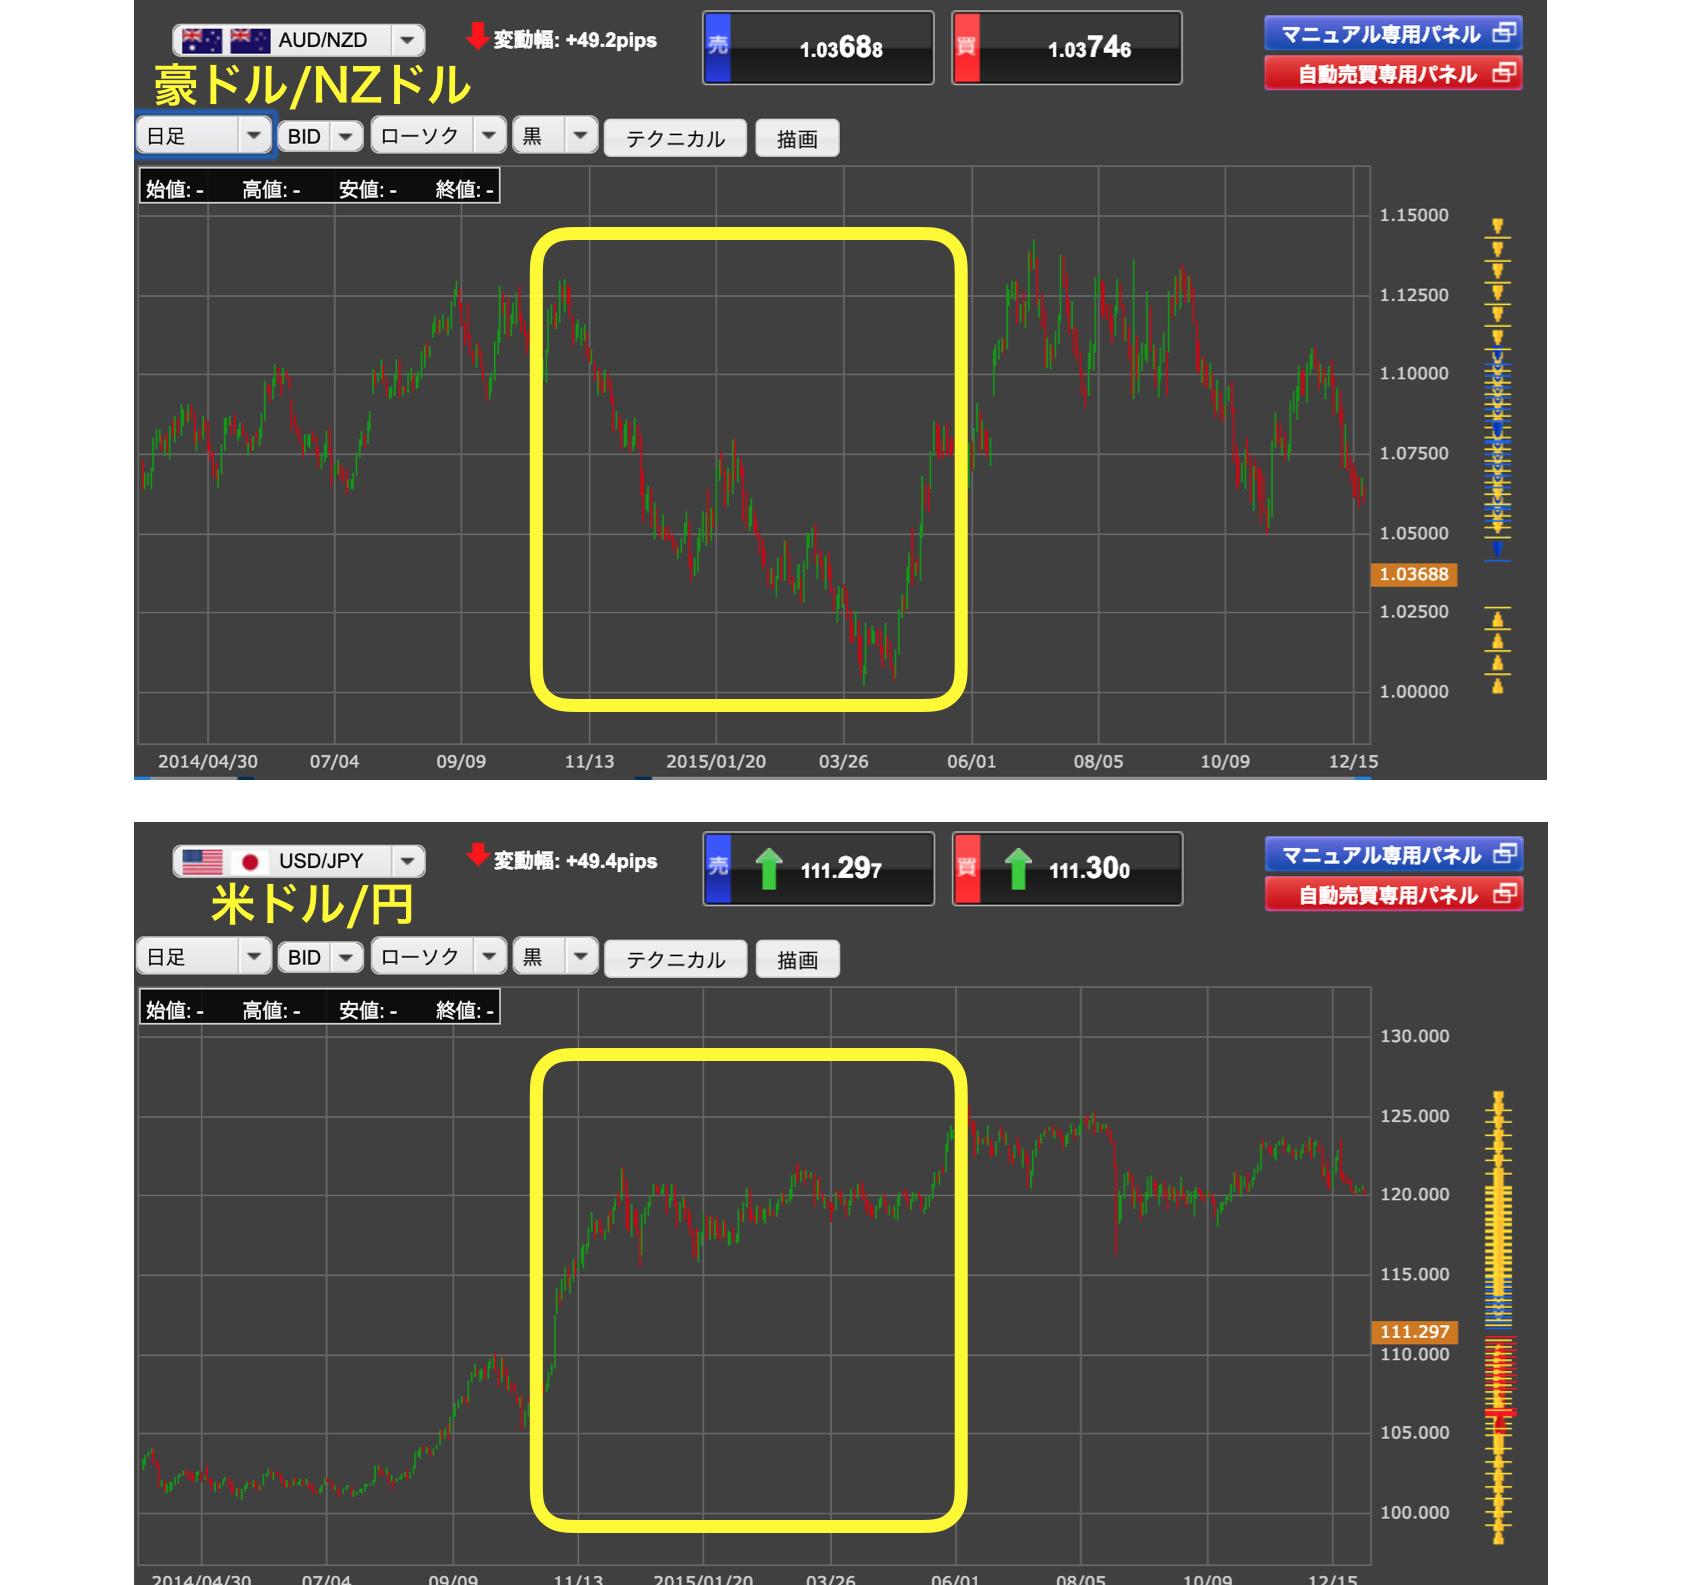 豪ドル/NZドルと米ドル/円の比較